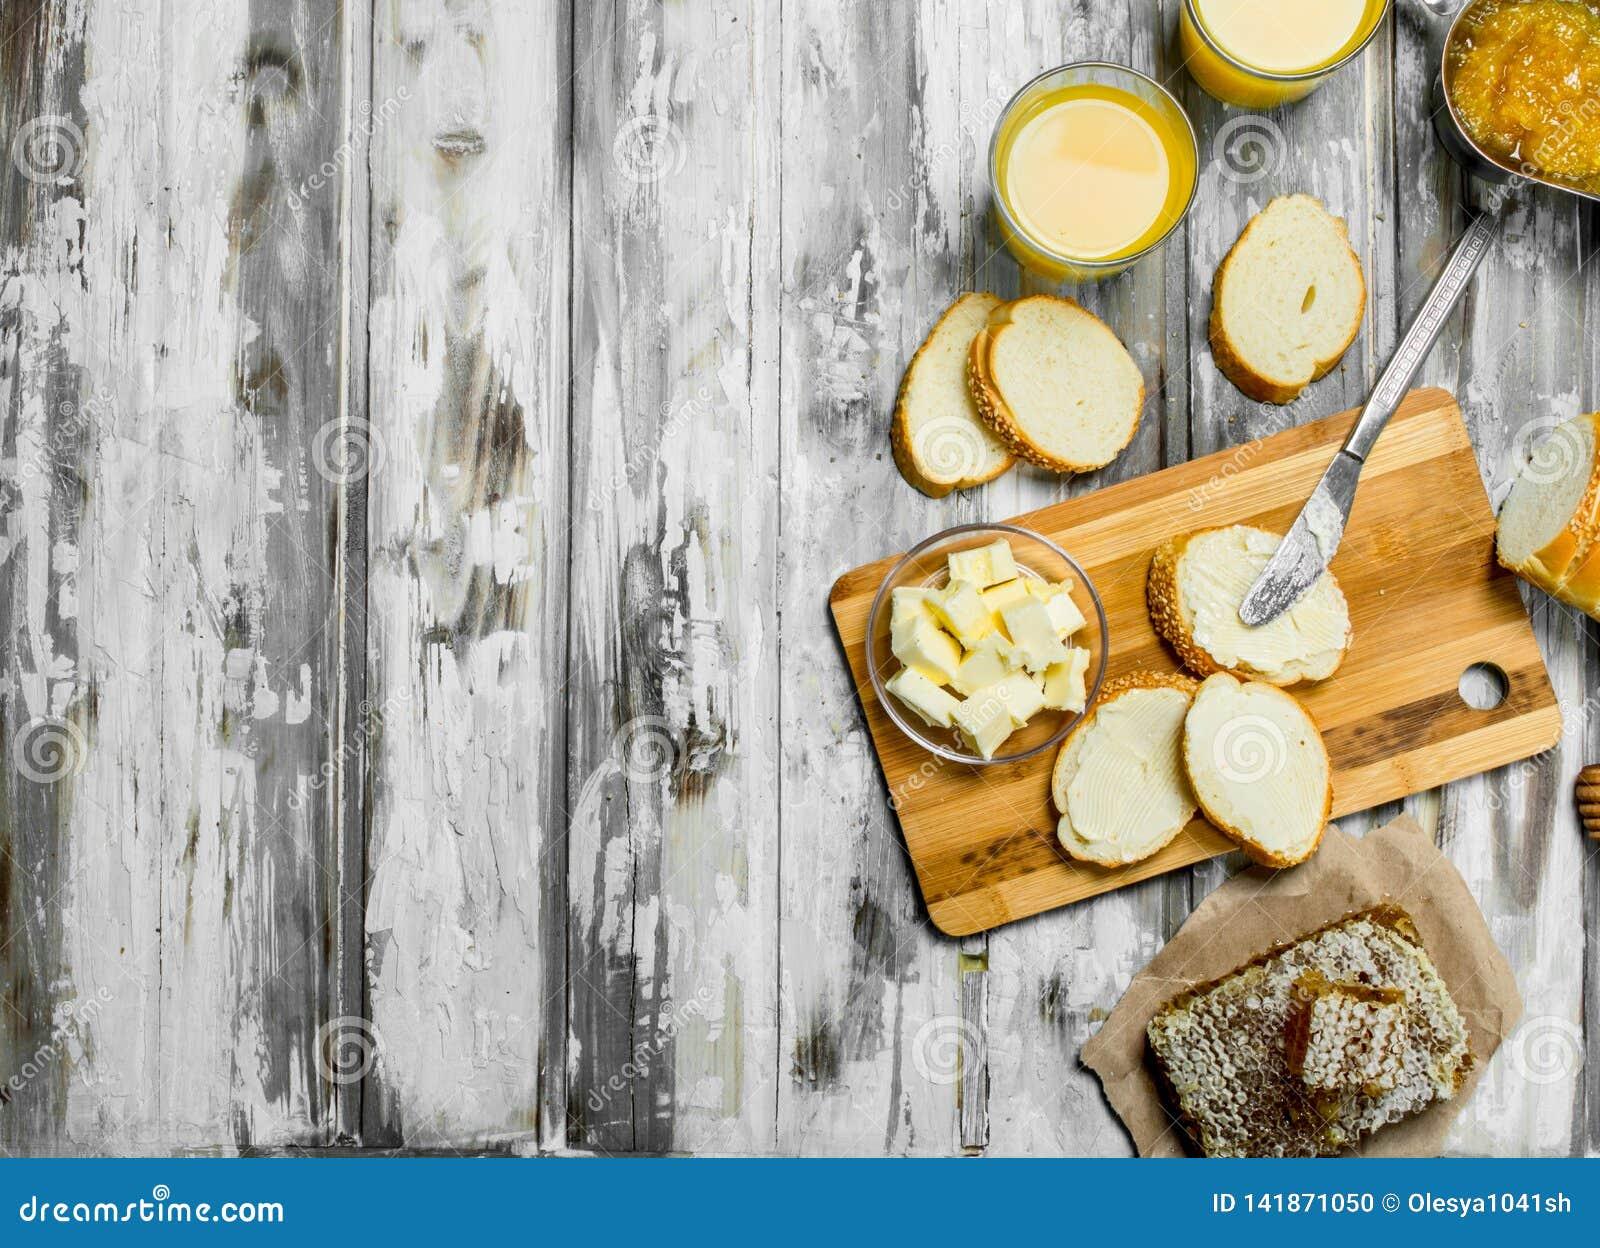 Nytt bröd med smör och orange fruktsaft